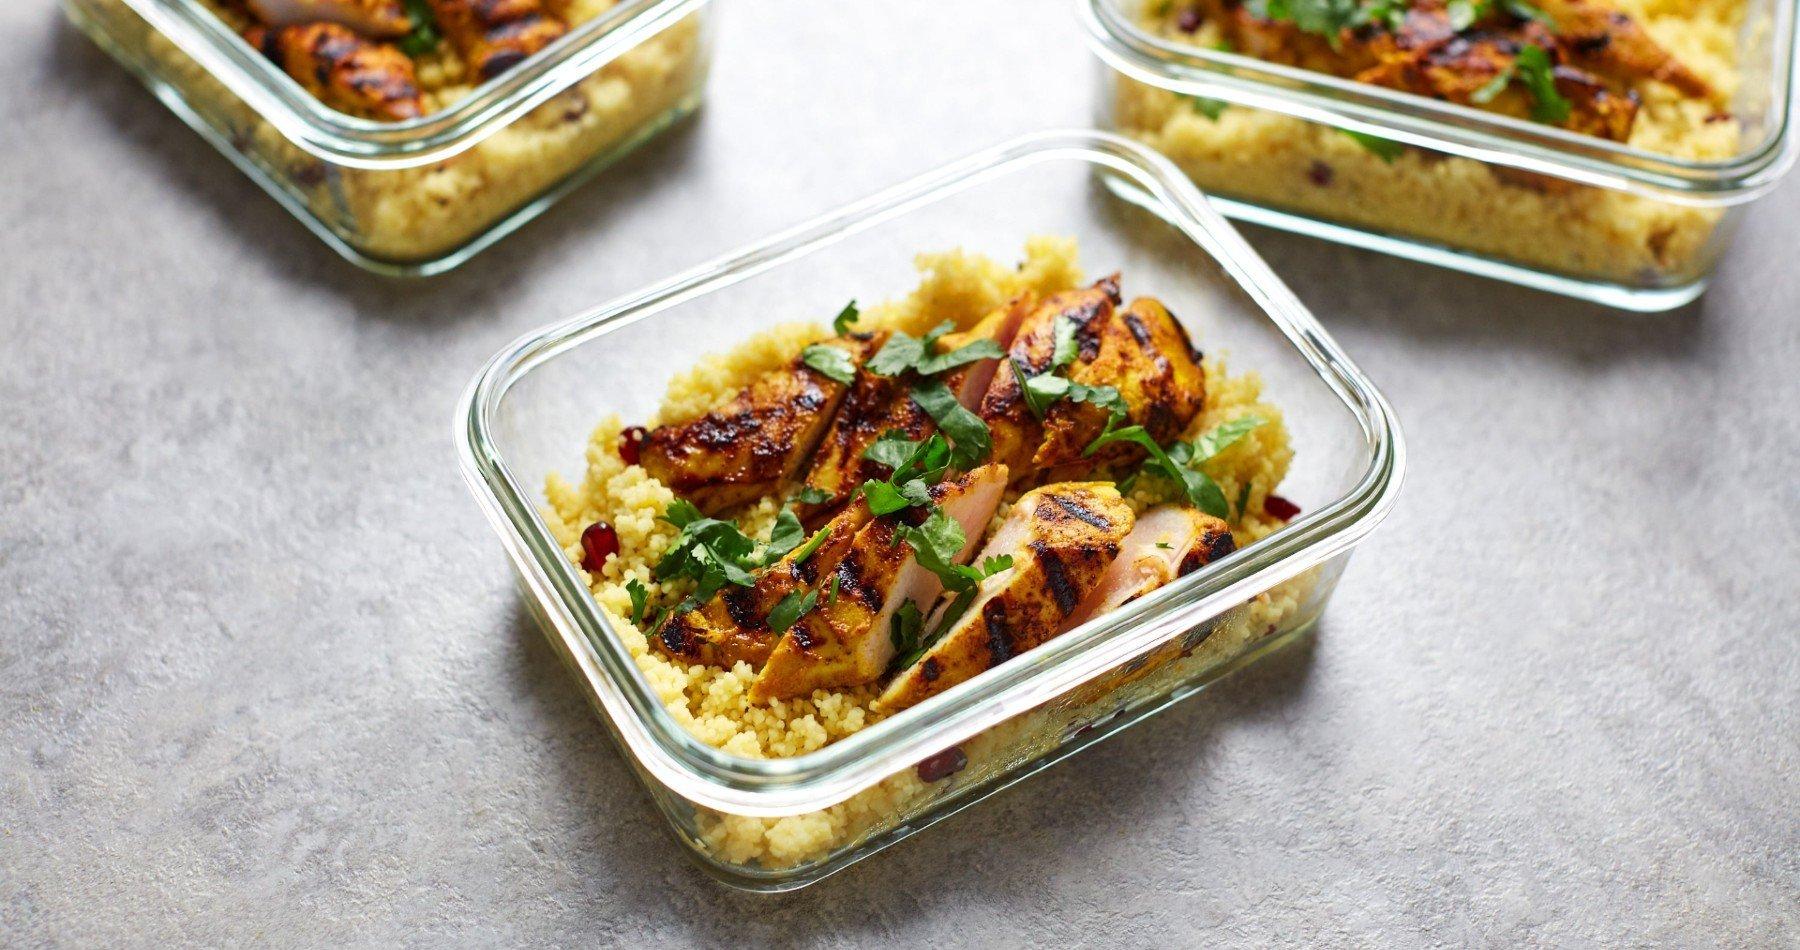 Würziges Hähnchen mit Couscous | Ausgewogene Mahlzeiten